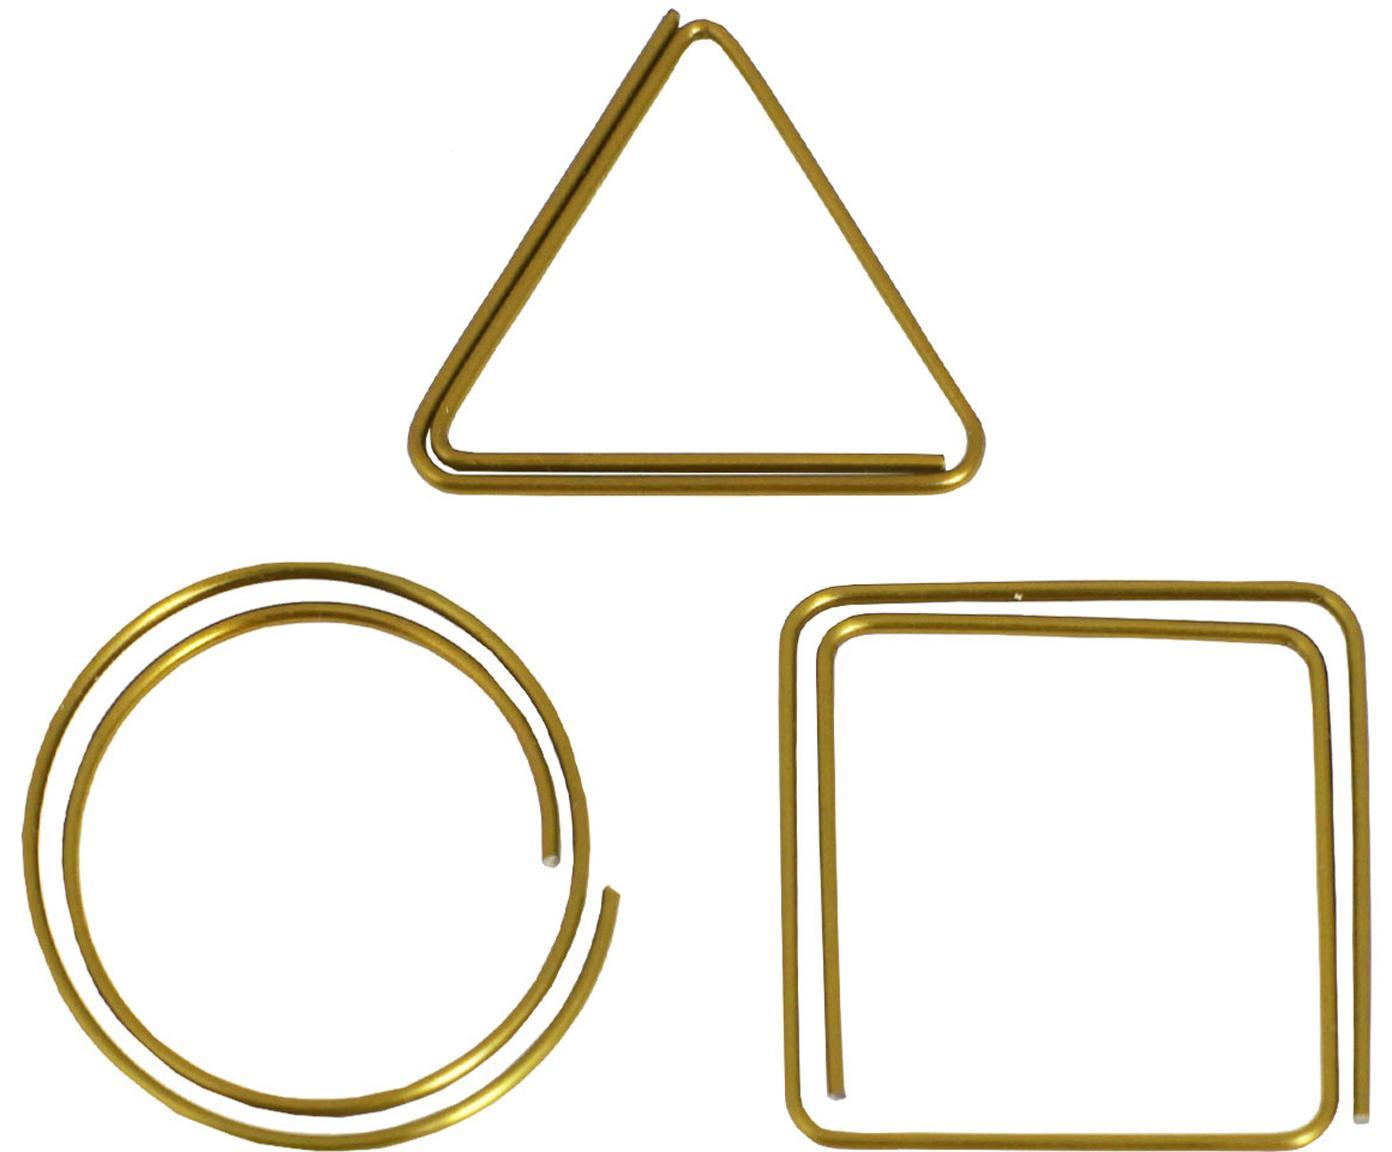 Bureauklemmenset Geometria, 9-delig, Gelakt metaal, Messingkleurig, 3 x 3 cm